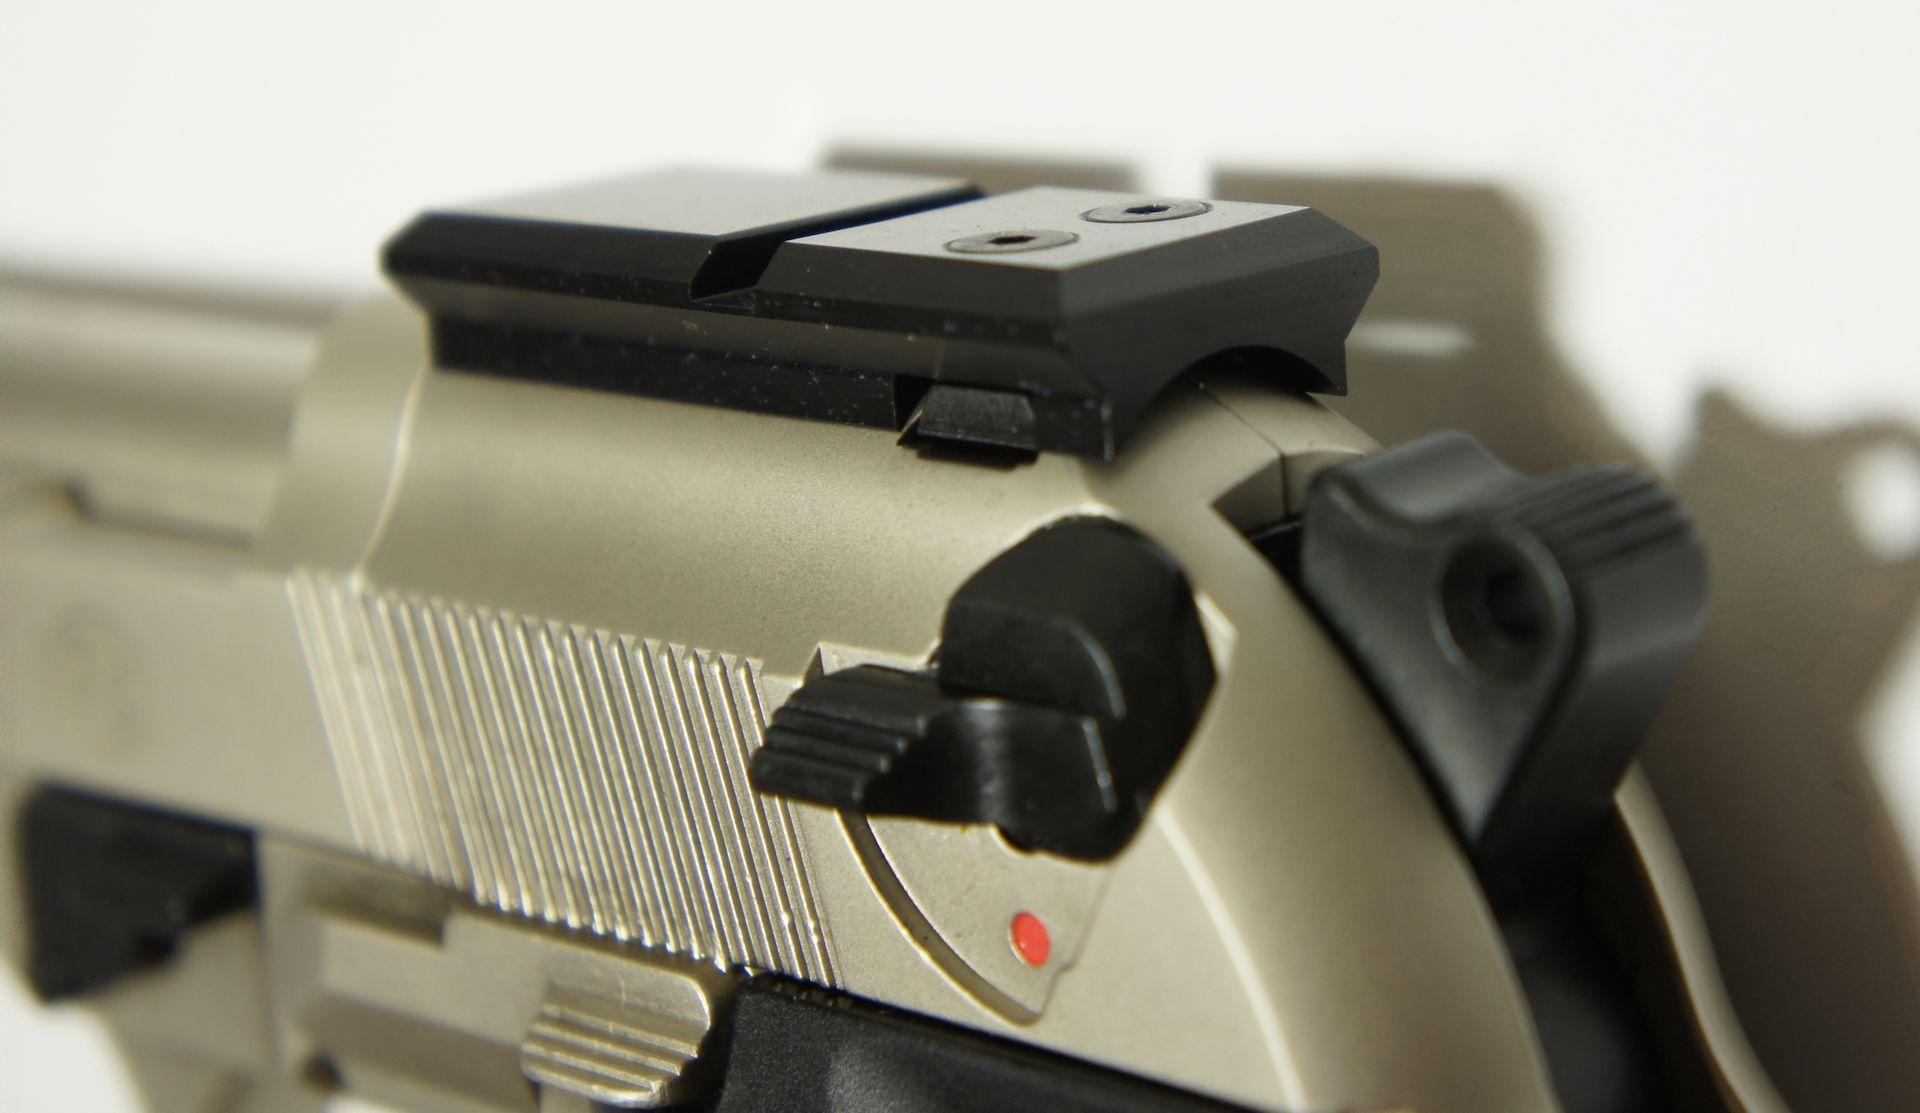 Montagebeispiel auf  <a href=1050021.htm> CO2- Pistole Beretta</a>